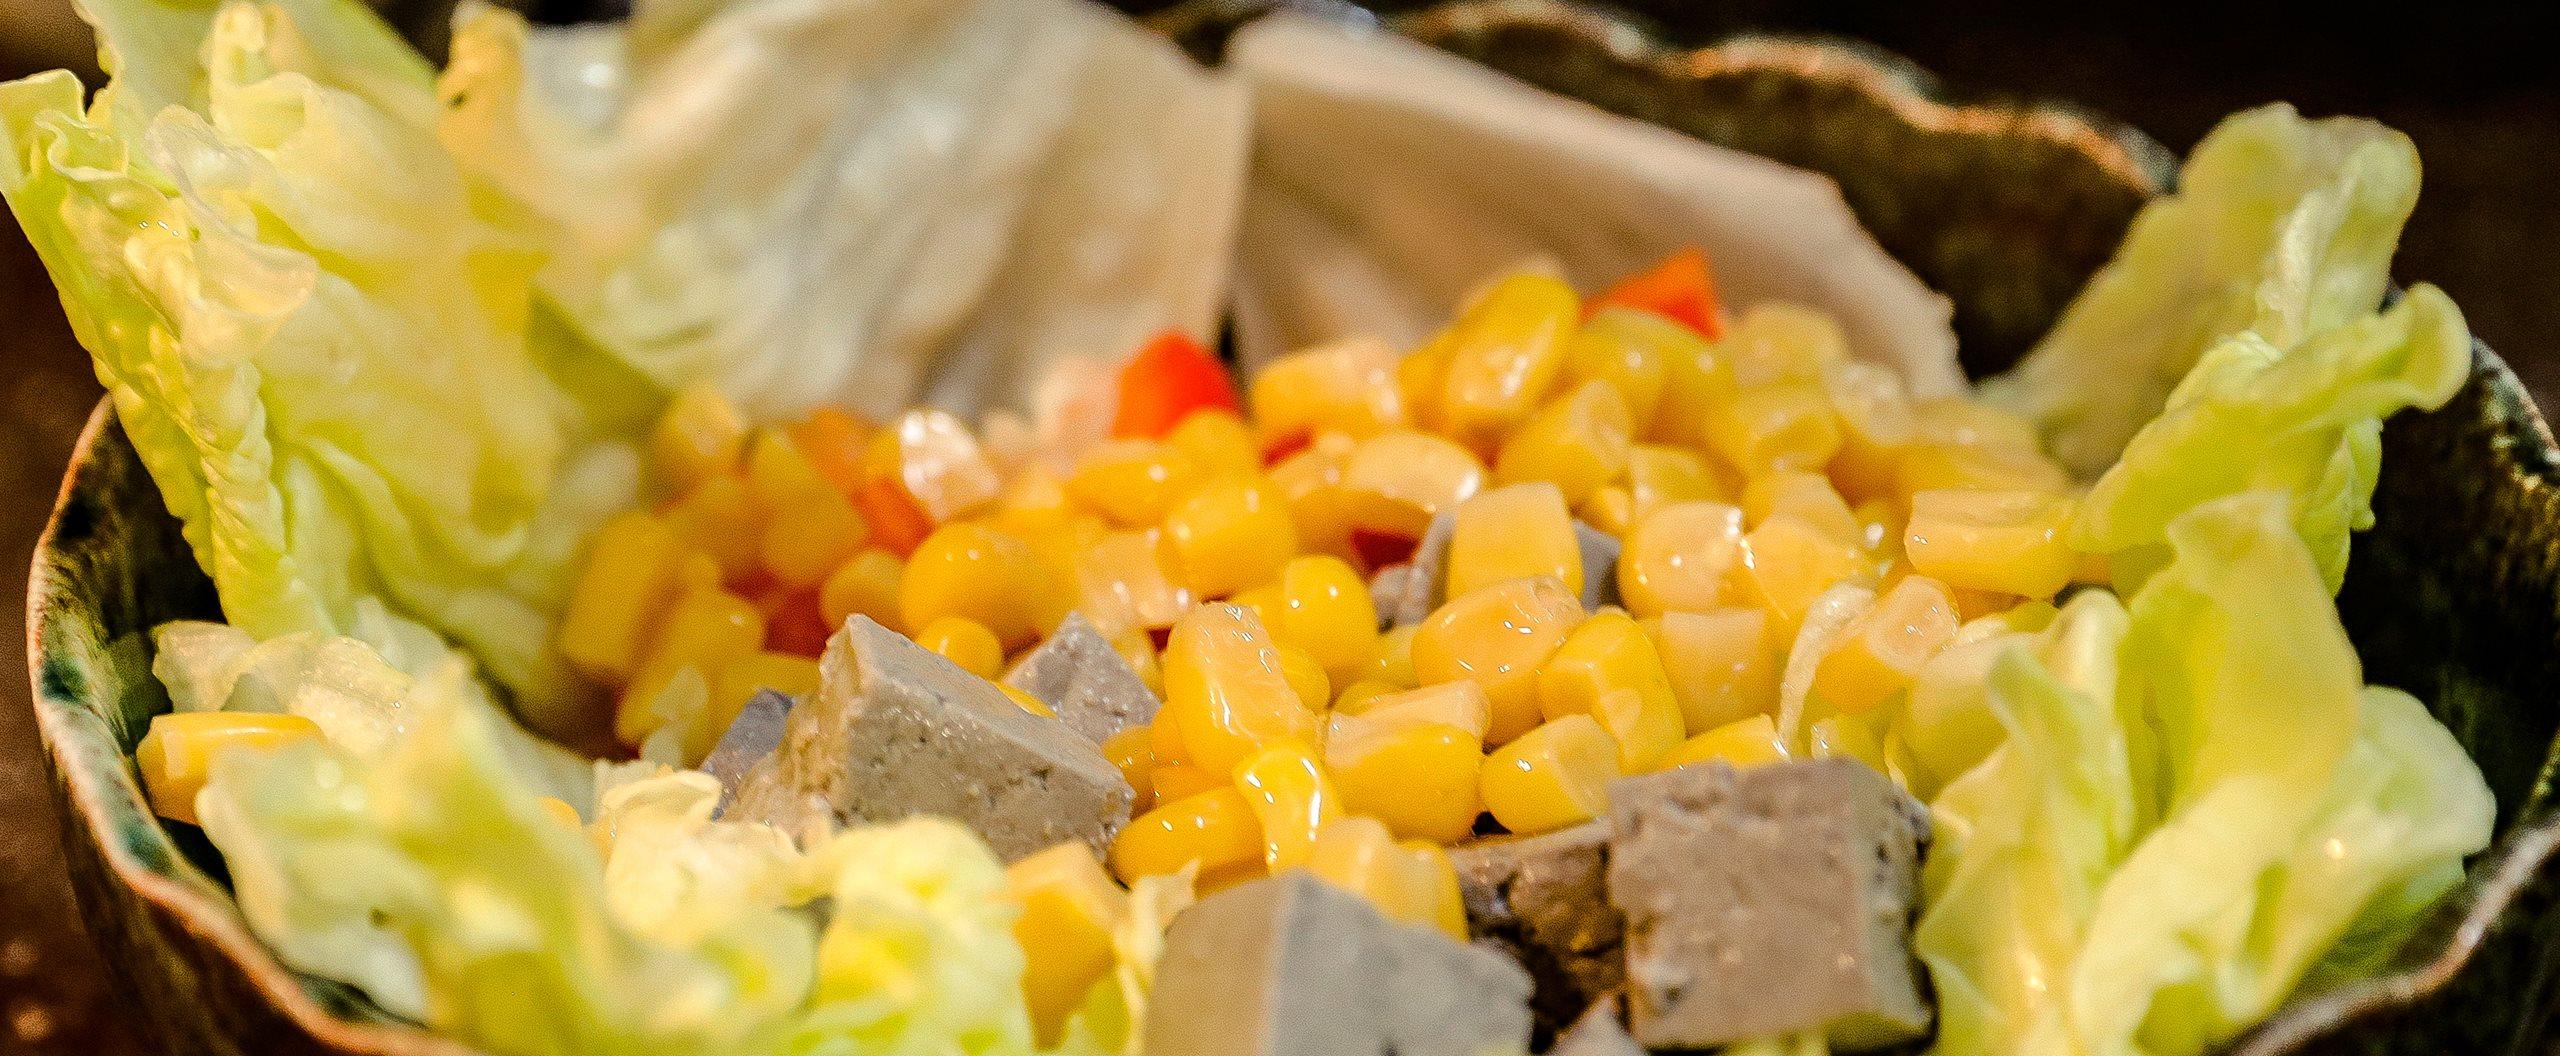 黑白豆腐水果佐味噌溜檸檬沙拉,夏日特製清爽料理 | 禾乃川小廚房